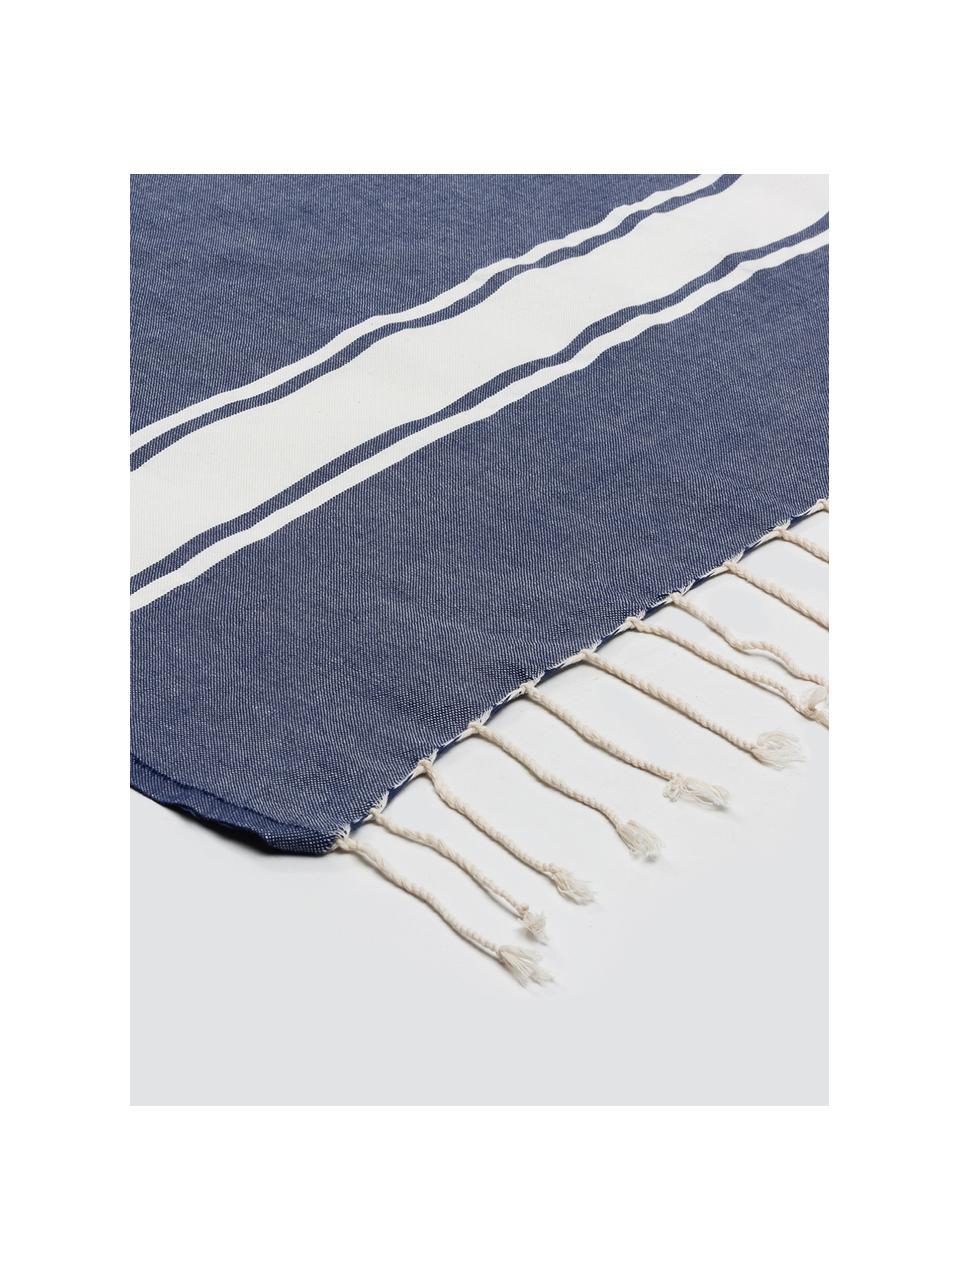 Gestreifte Baumwoll-Tischdecke St. Tropez mit Fransen, Baumwolle, Denimblau, Weiß, Für 6 - 8 Personen (B 150 x L 250 cm)